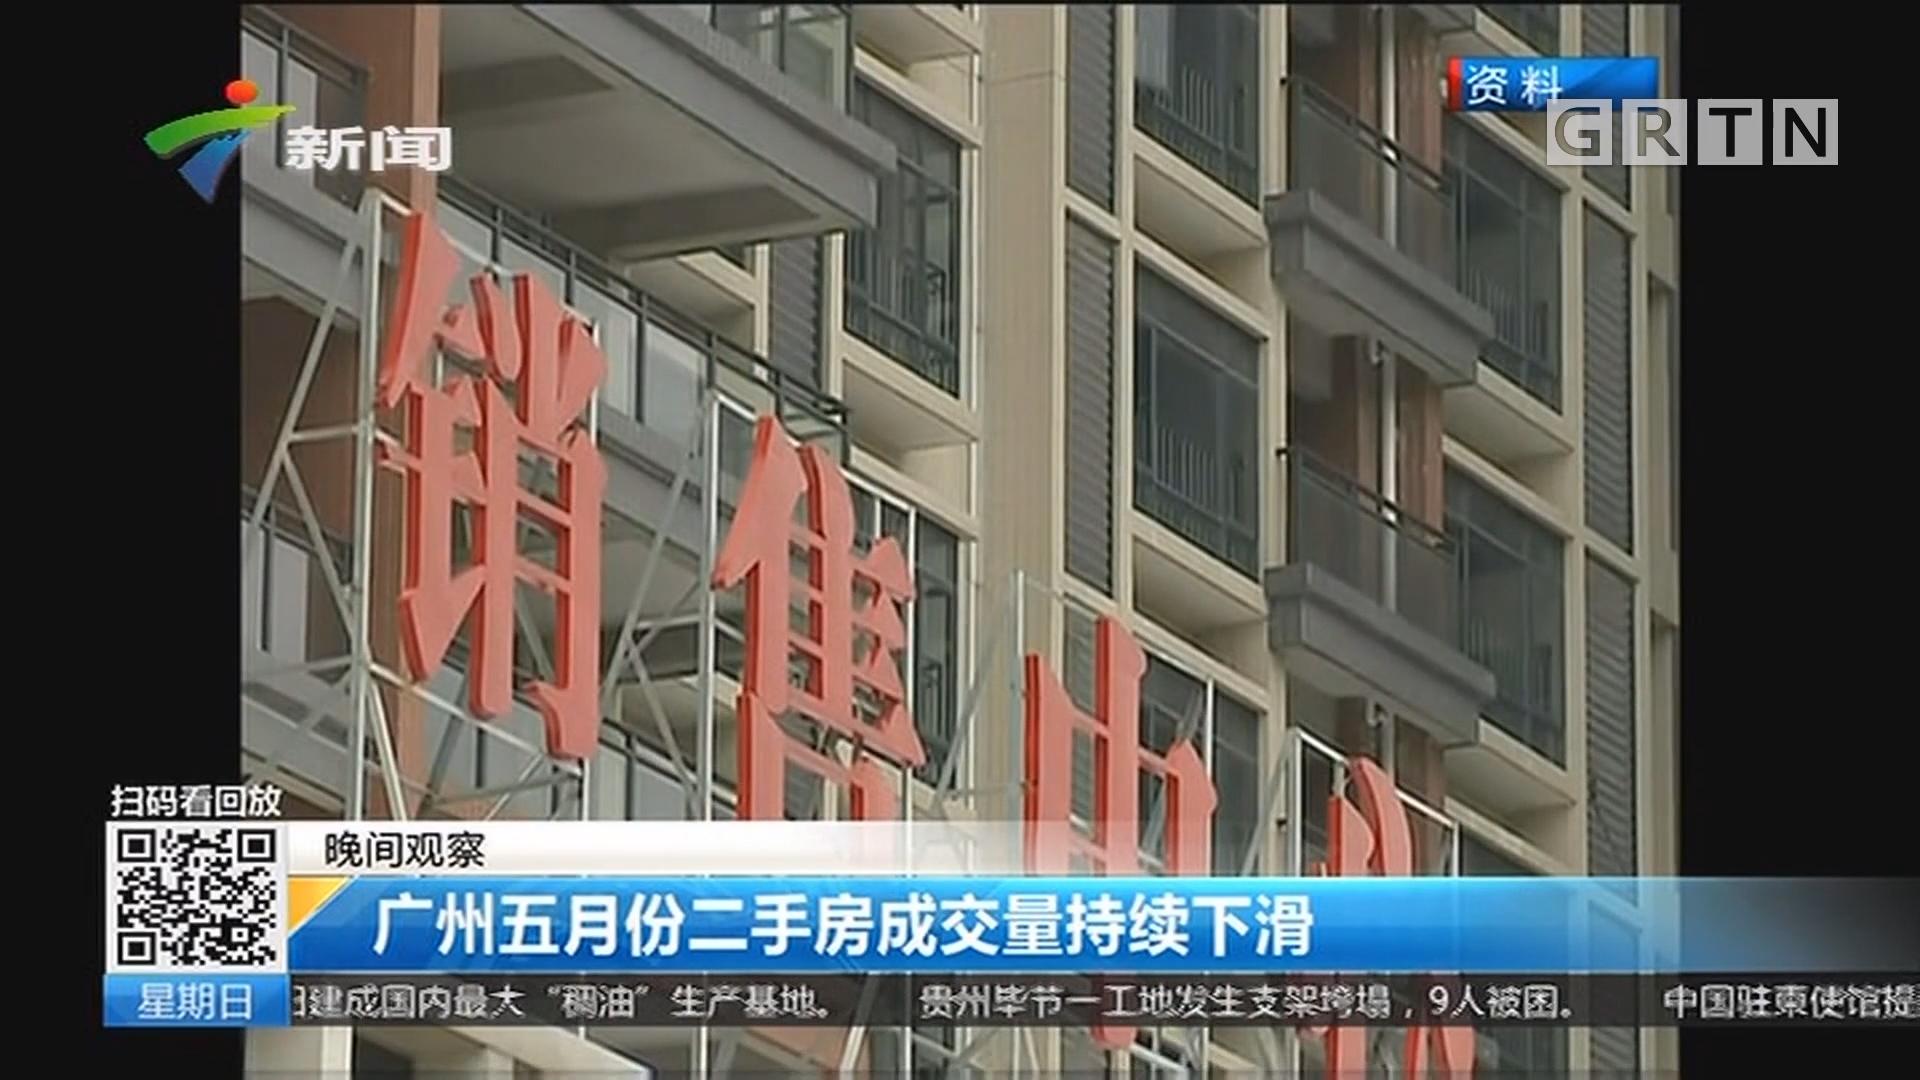 广州五月份二手房成交量持续下滑